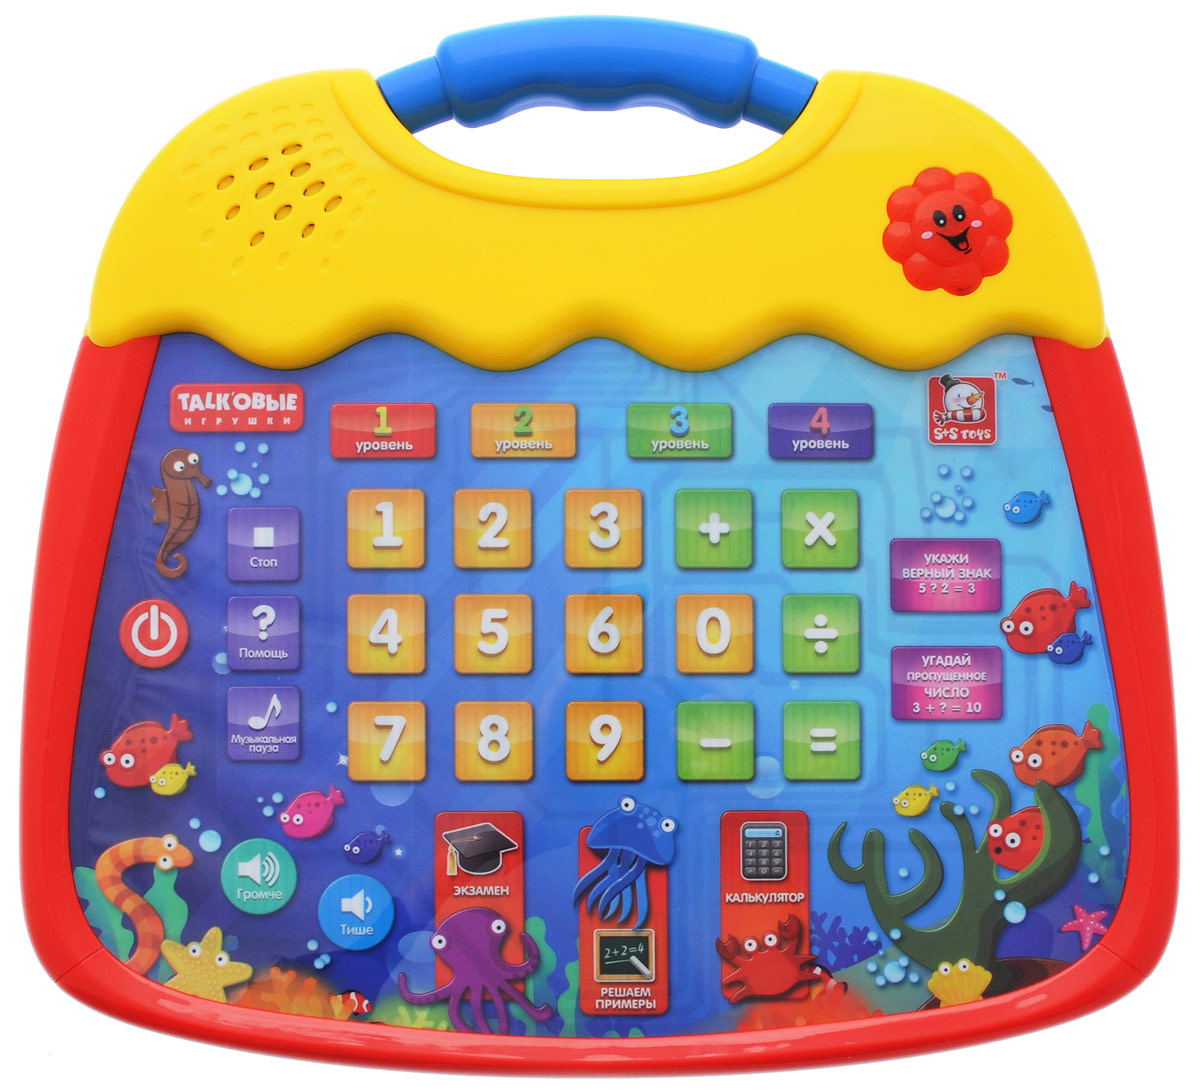 S+S Toys Интерактивный планшет Веселые цифры детские компьютеры s s обучающий интерактивный планшет живой календарь